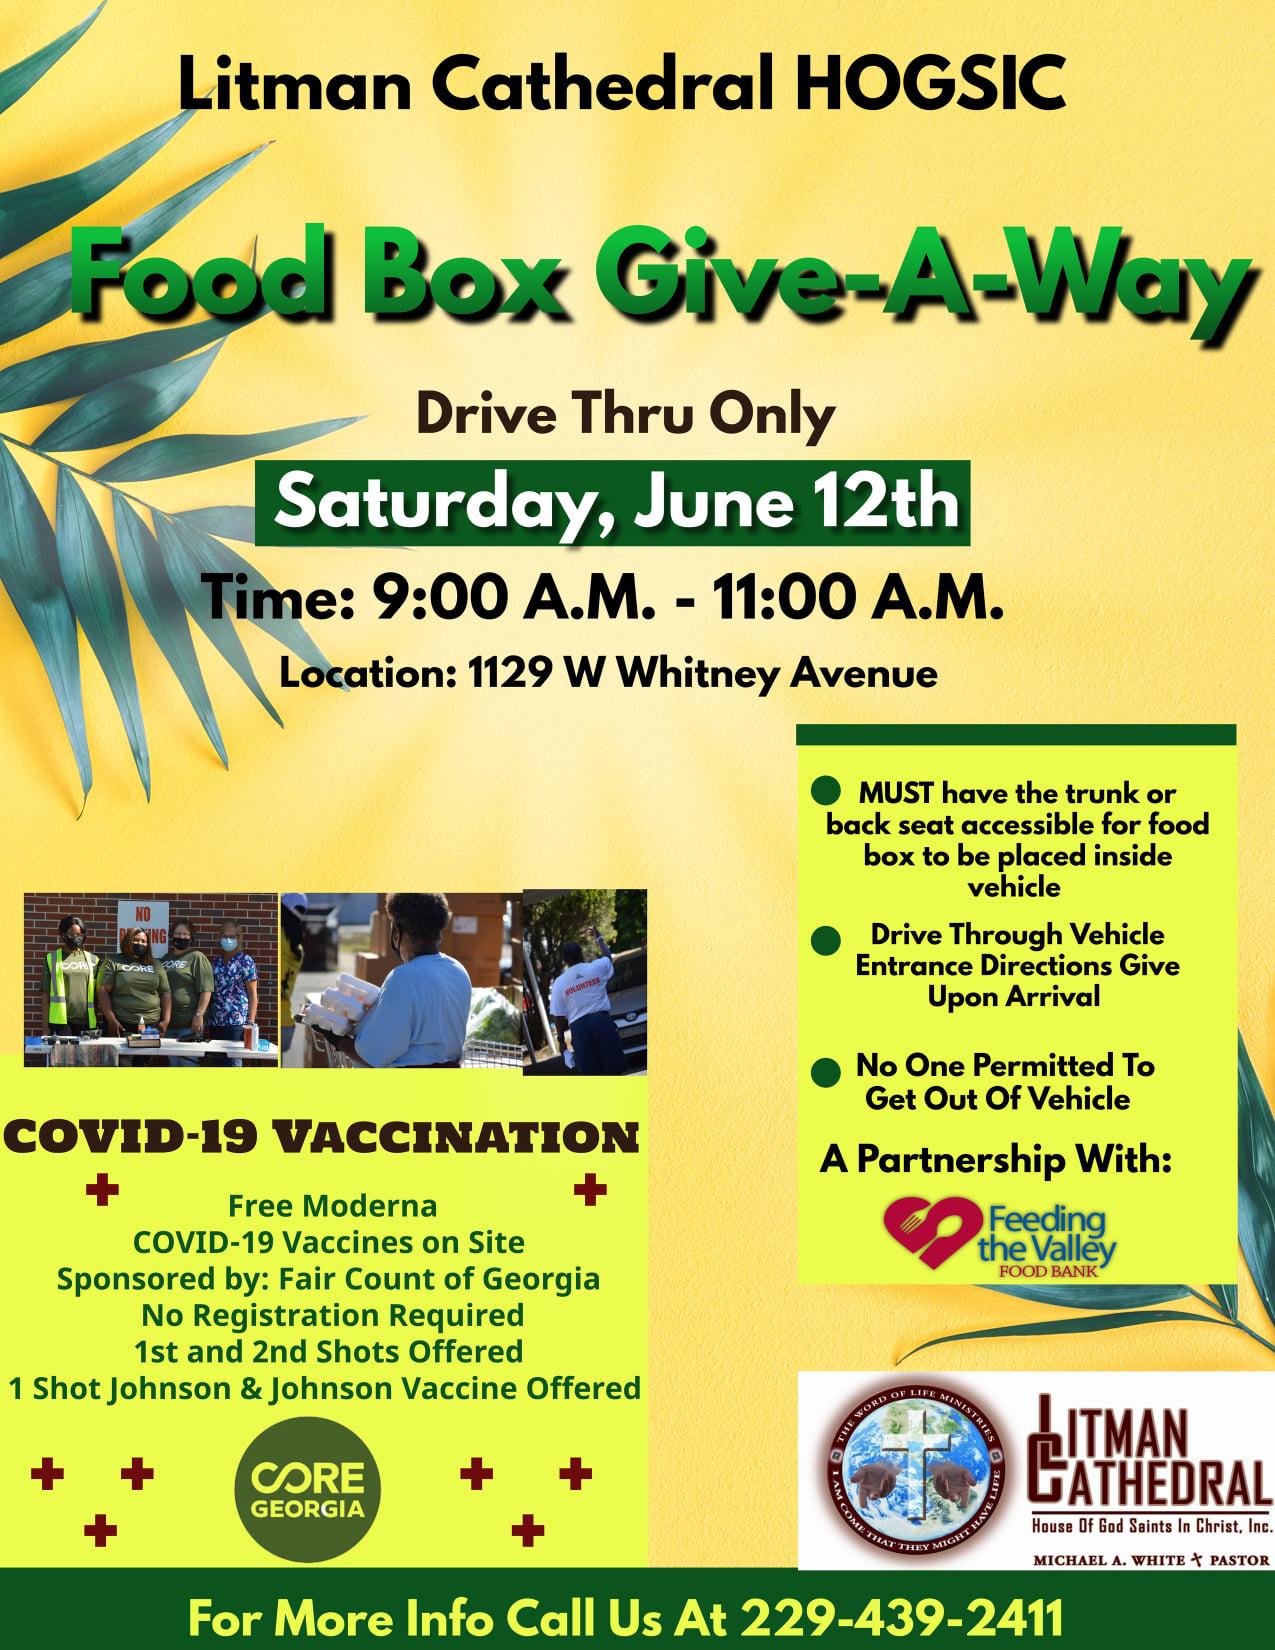 Food Box Give-A-Way